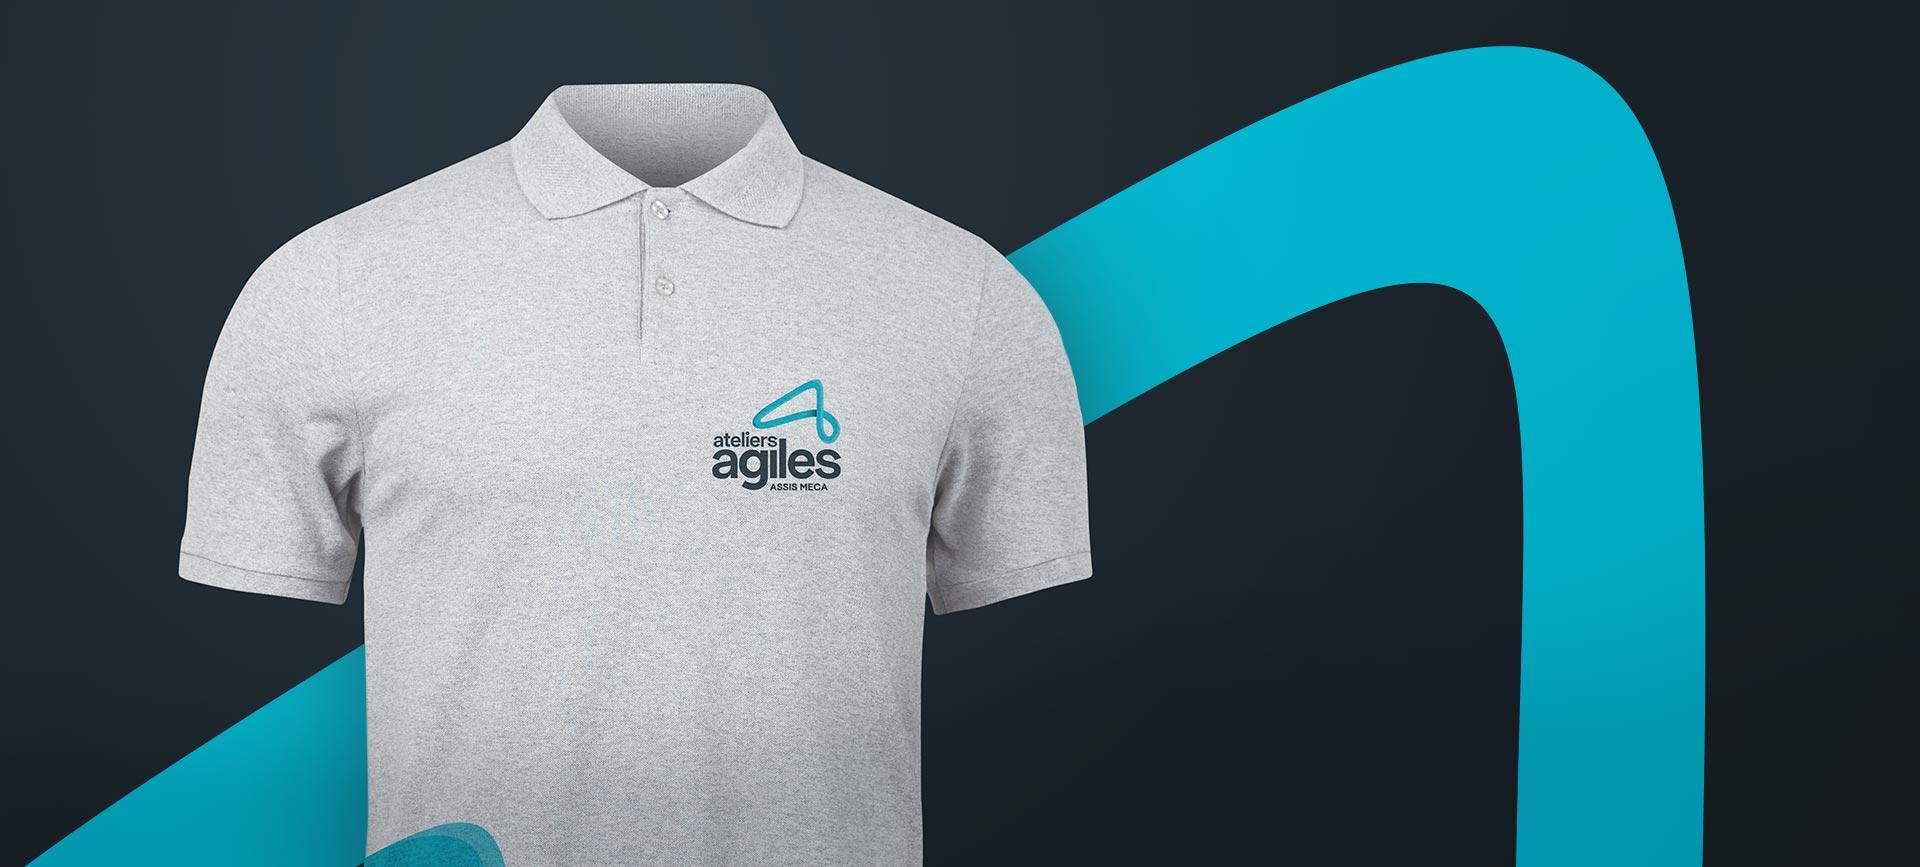 T-shirt Ateleirs Agiels par notre agence de communication pour leur branding